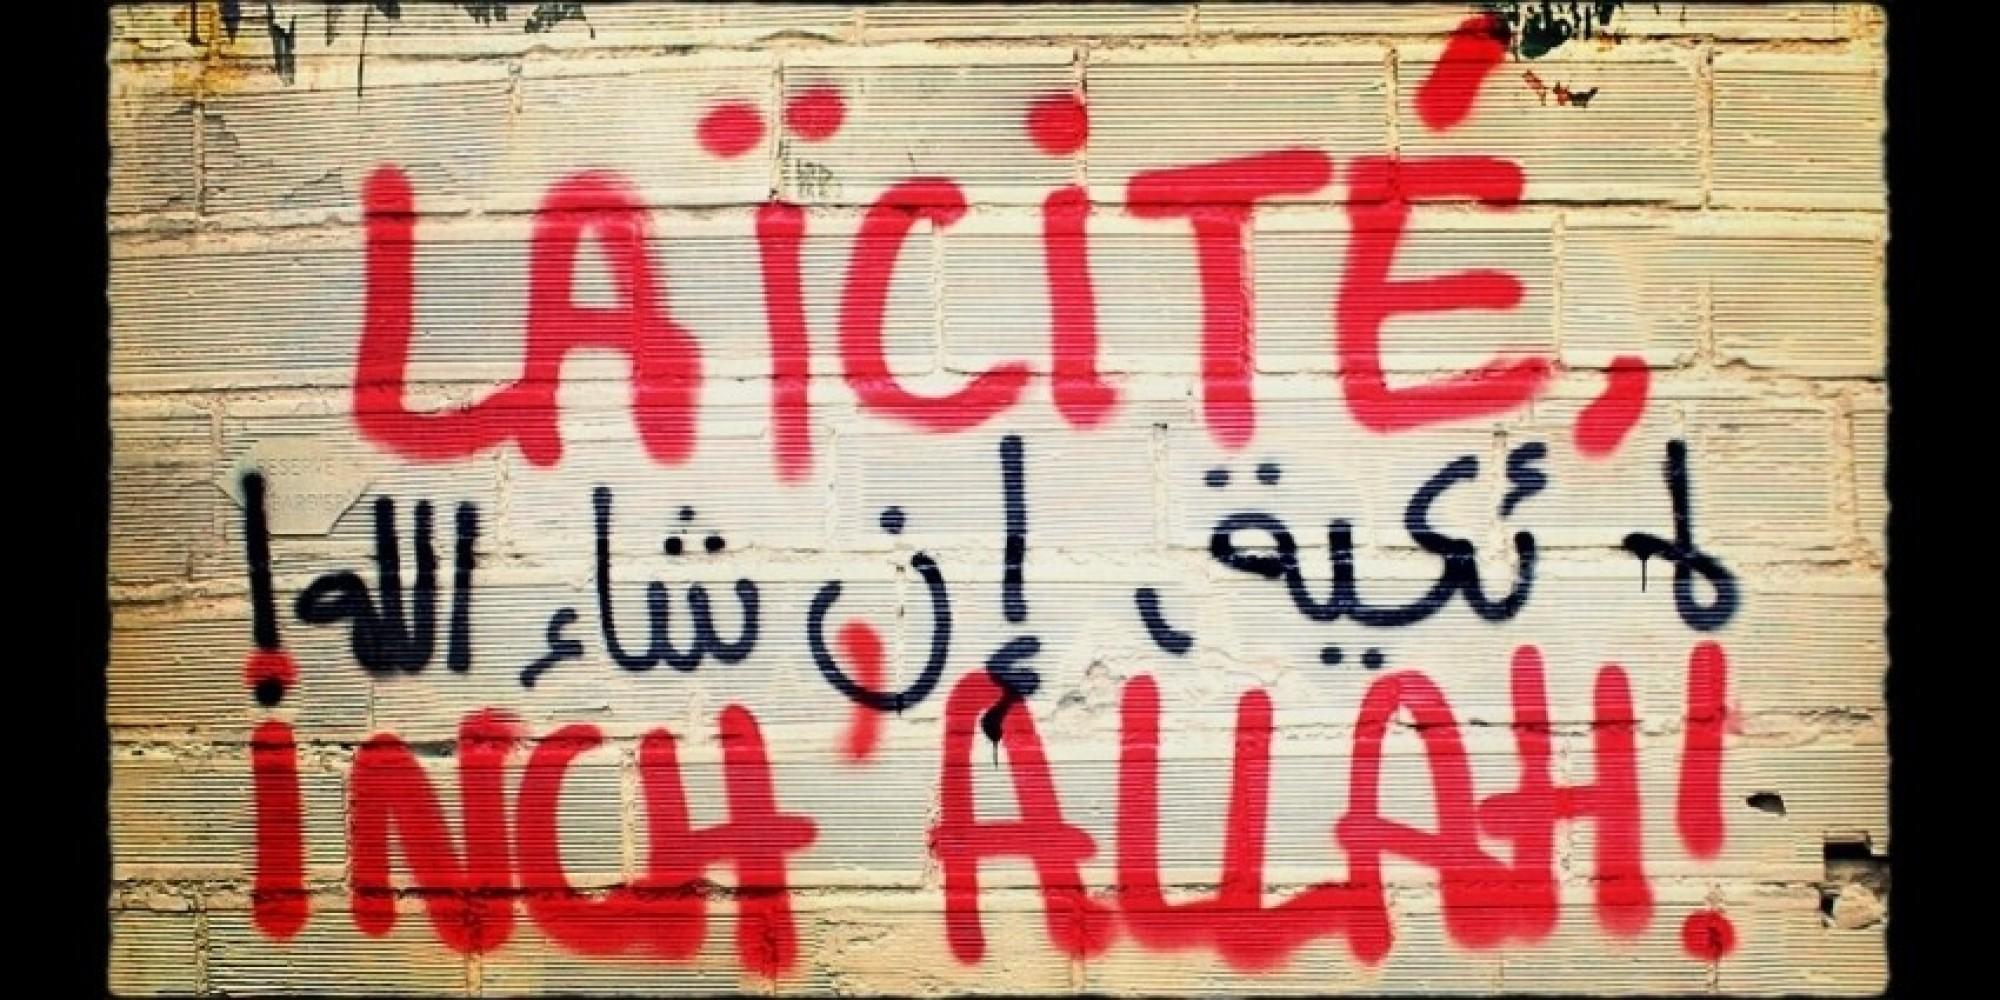 Comment l'islam est abordé dans les manuels scolaires ? De l'islamo-gauchisme à l'œuvre et de l'état avancé de l'islamisation de la France